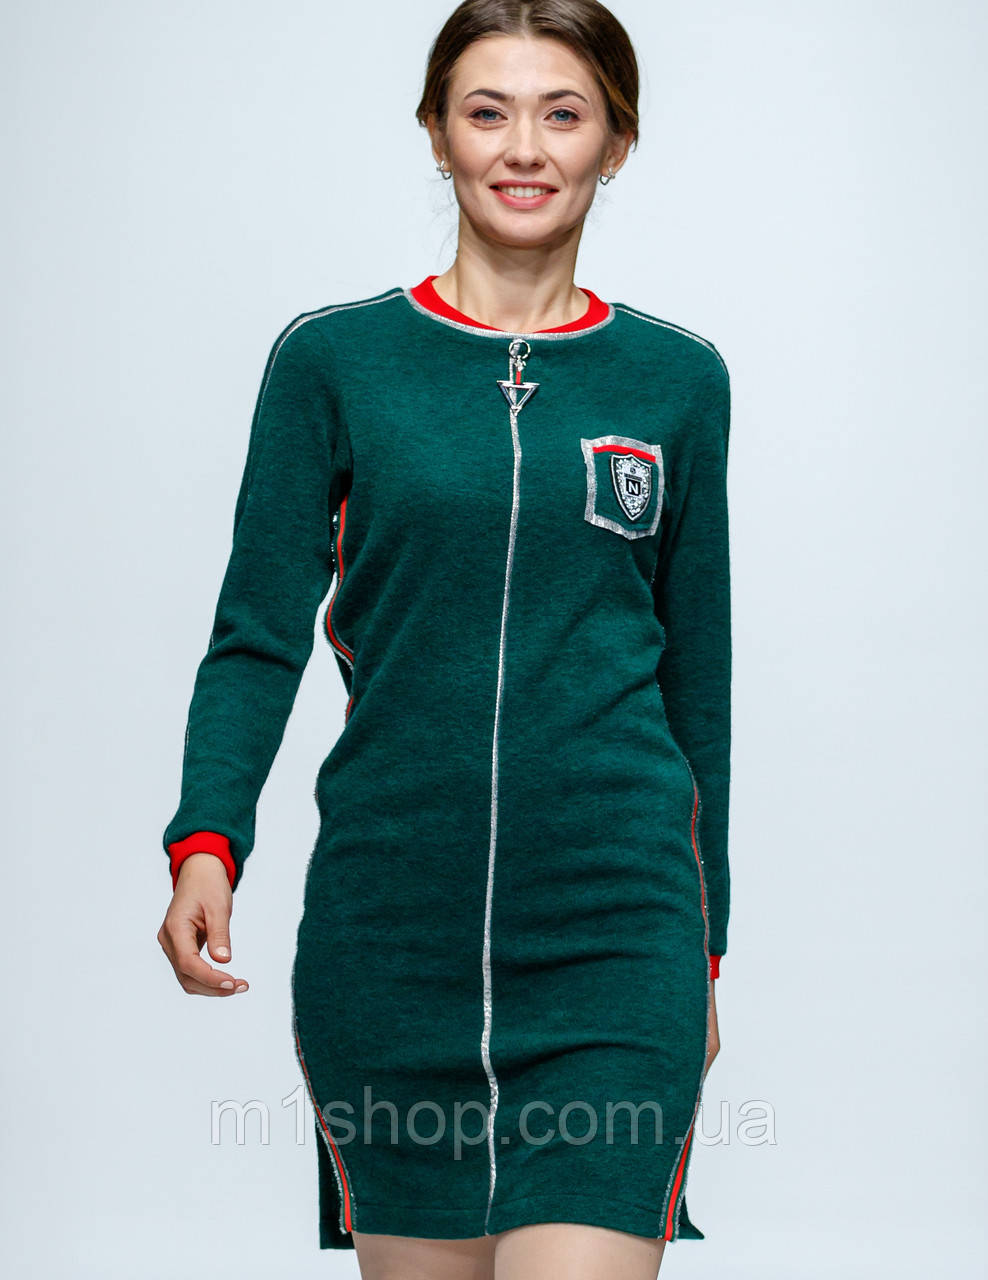 Женское спортивное платье с молнией спереди (Американо lzn)